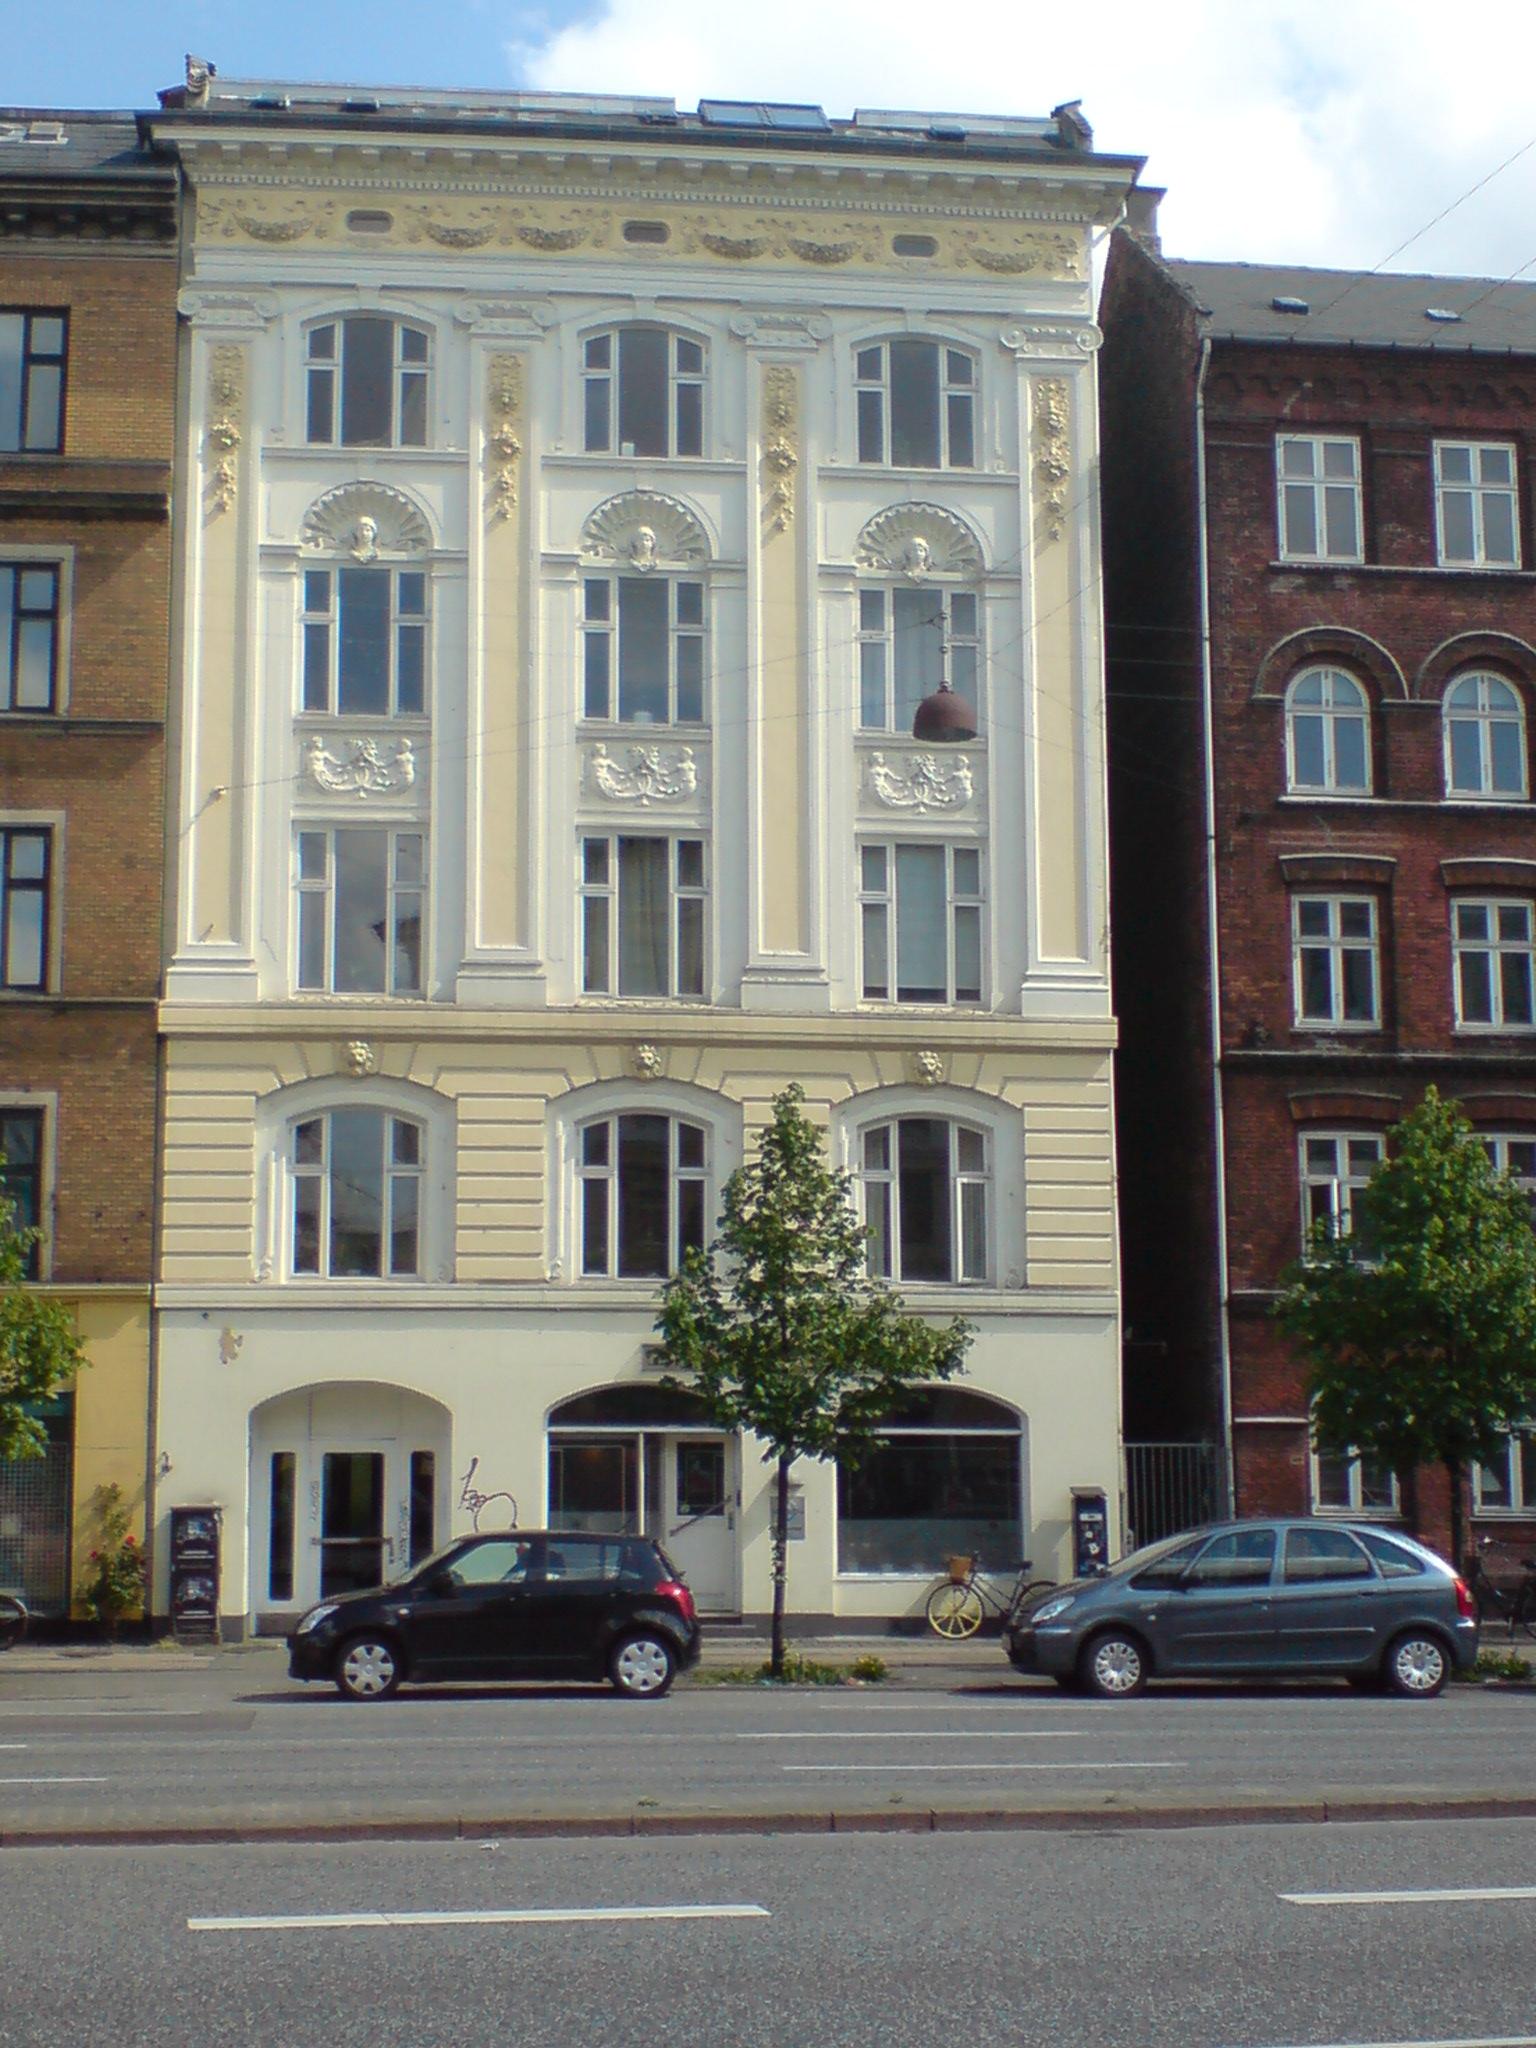 _Åboulevarden facade